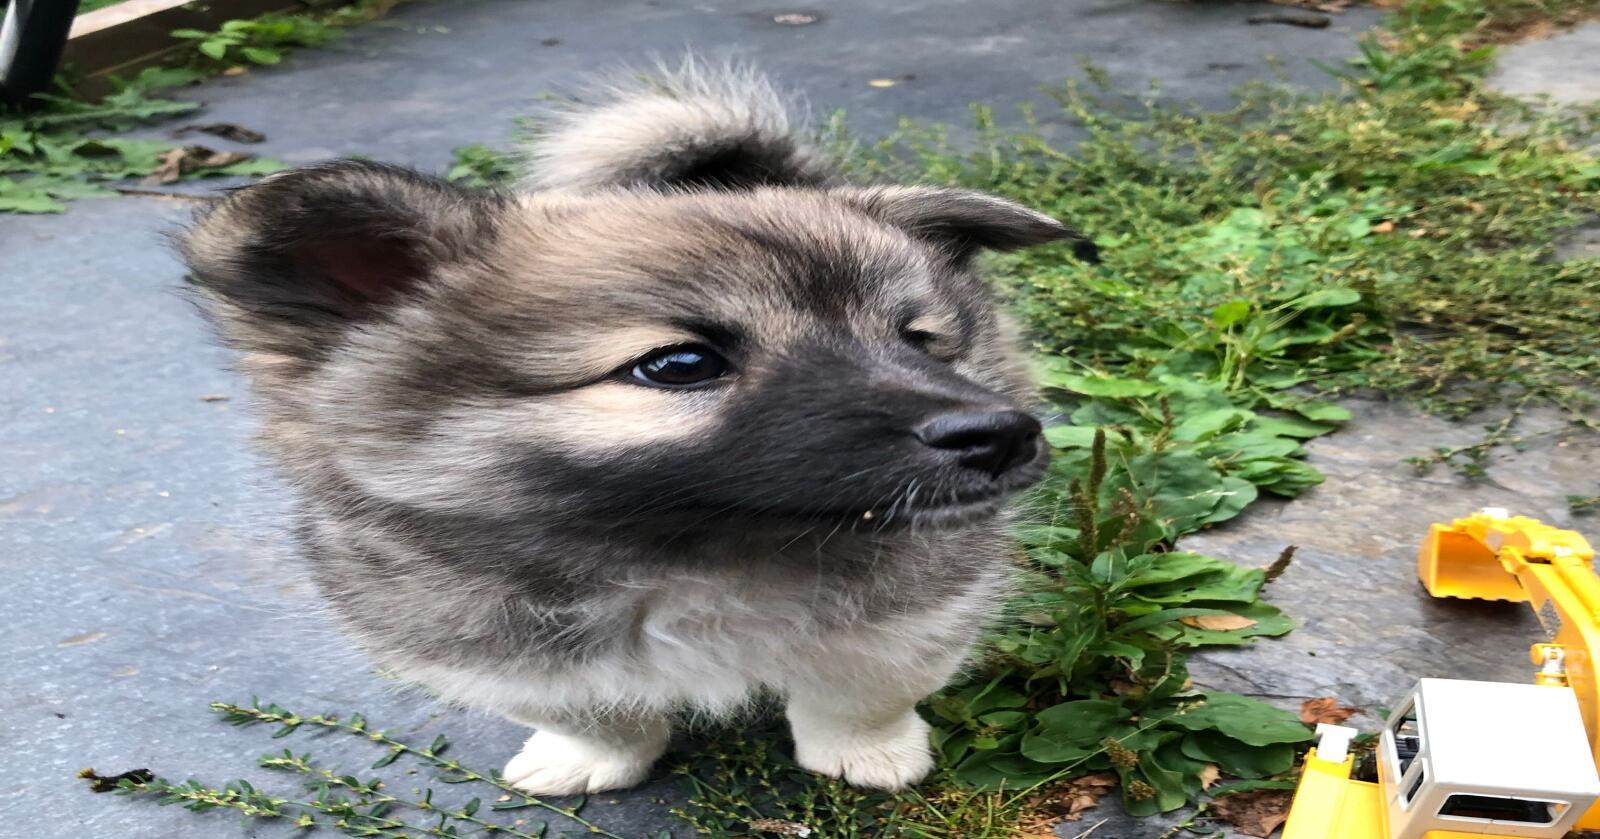 SNIKSKRYT: Også som hundeeier mener undertegnede at du unner bikkja å vite hvilke behov den har, slik at dere kan få det fint sammen. Og, er ikke denna søt? Foto: Marit Glærum.